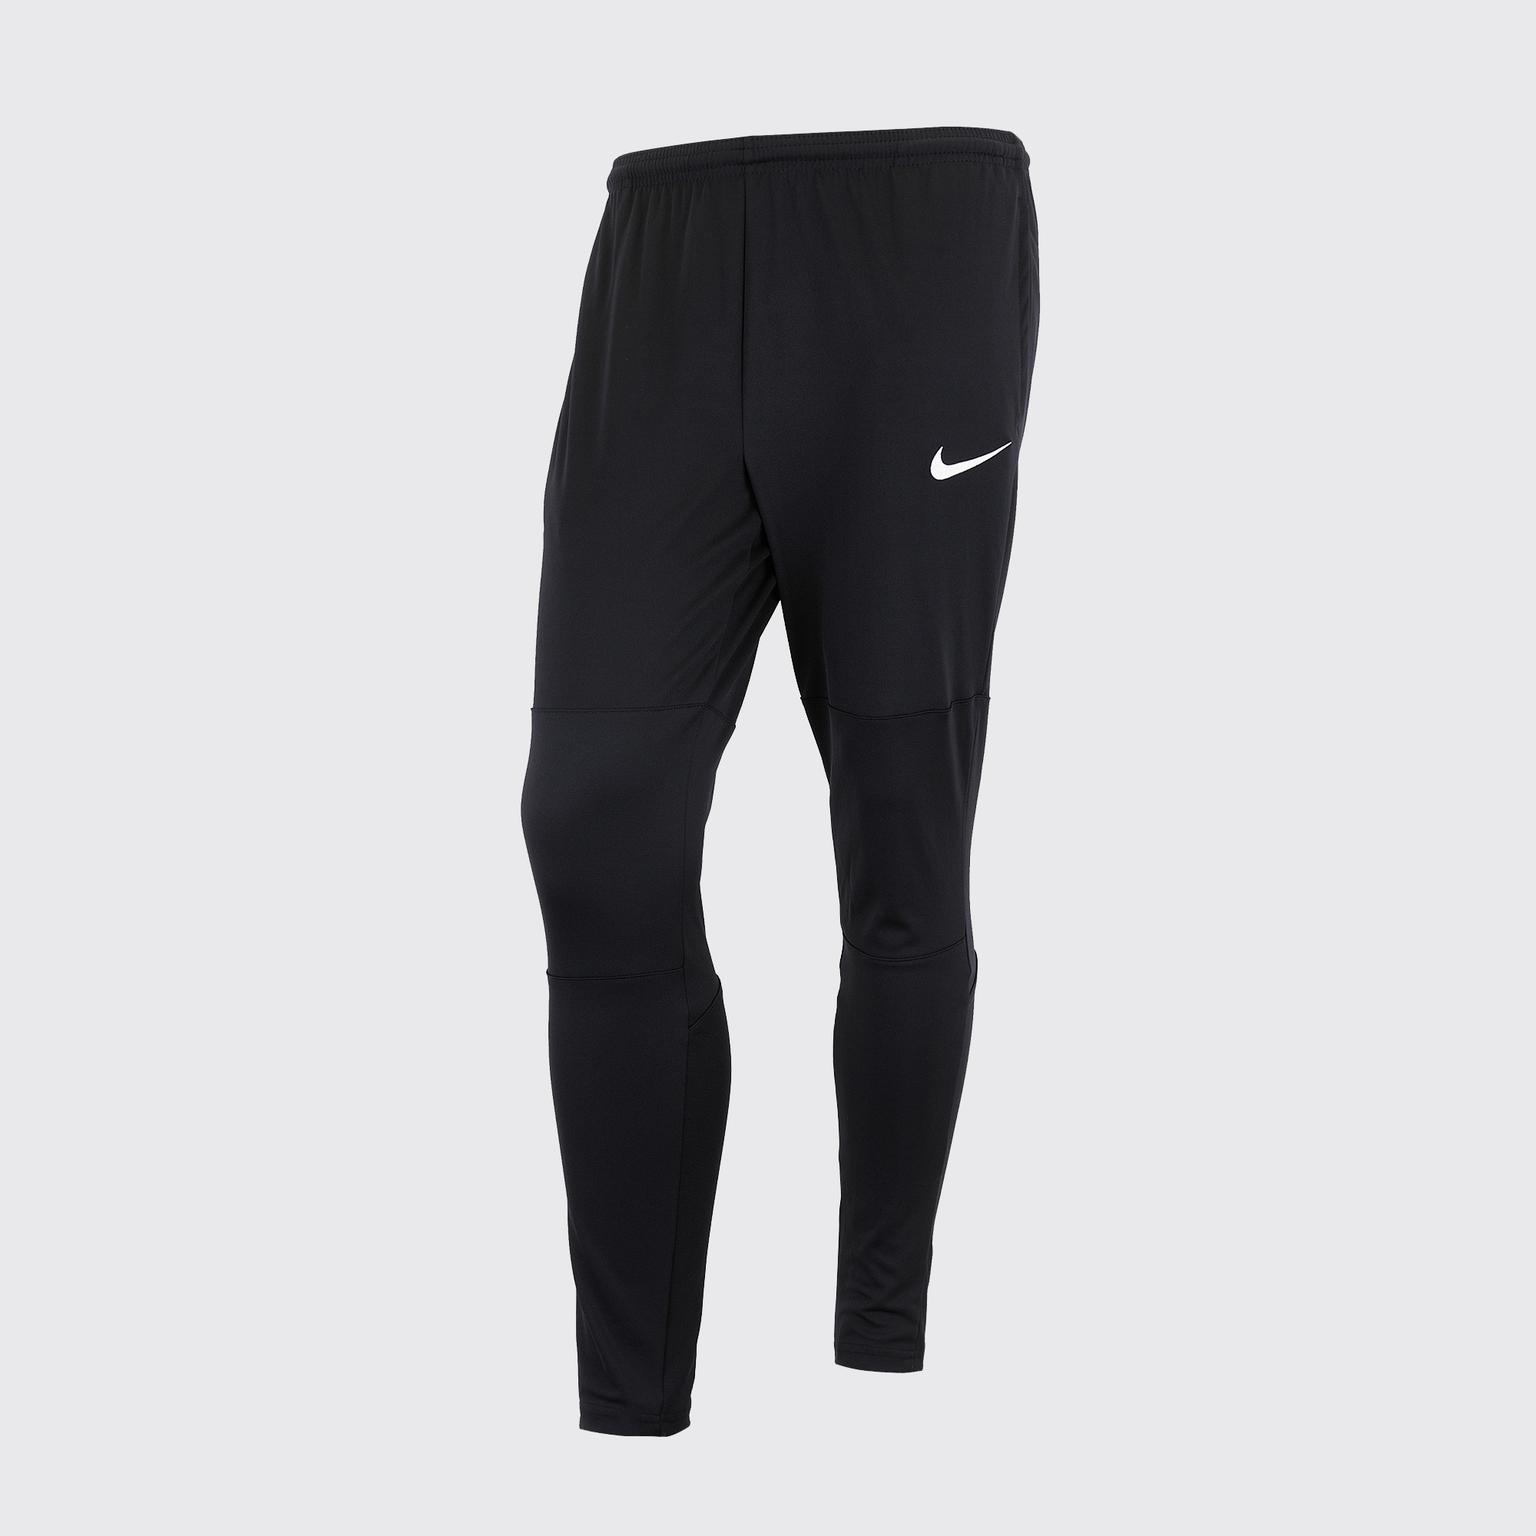 все цены на Брюки тренировочные Nike Dry Park20 Pant BV6877-010